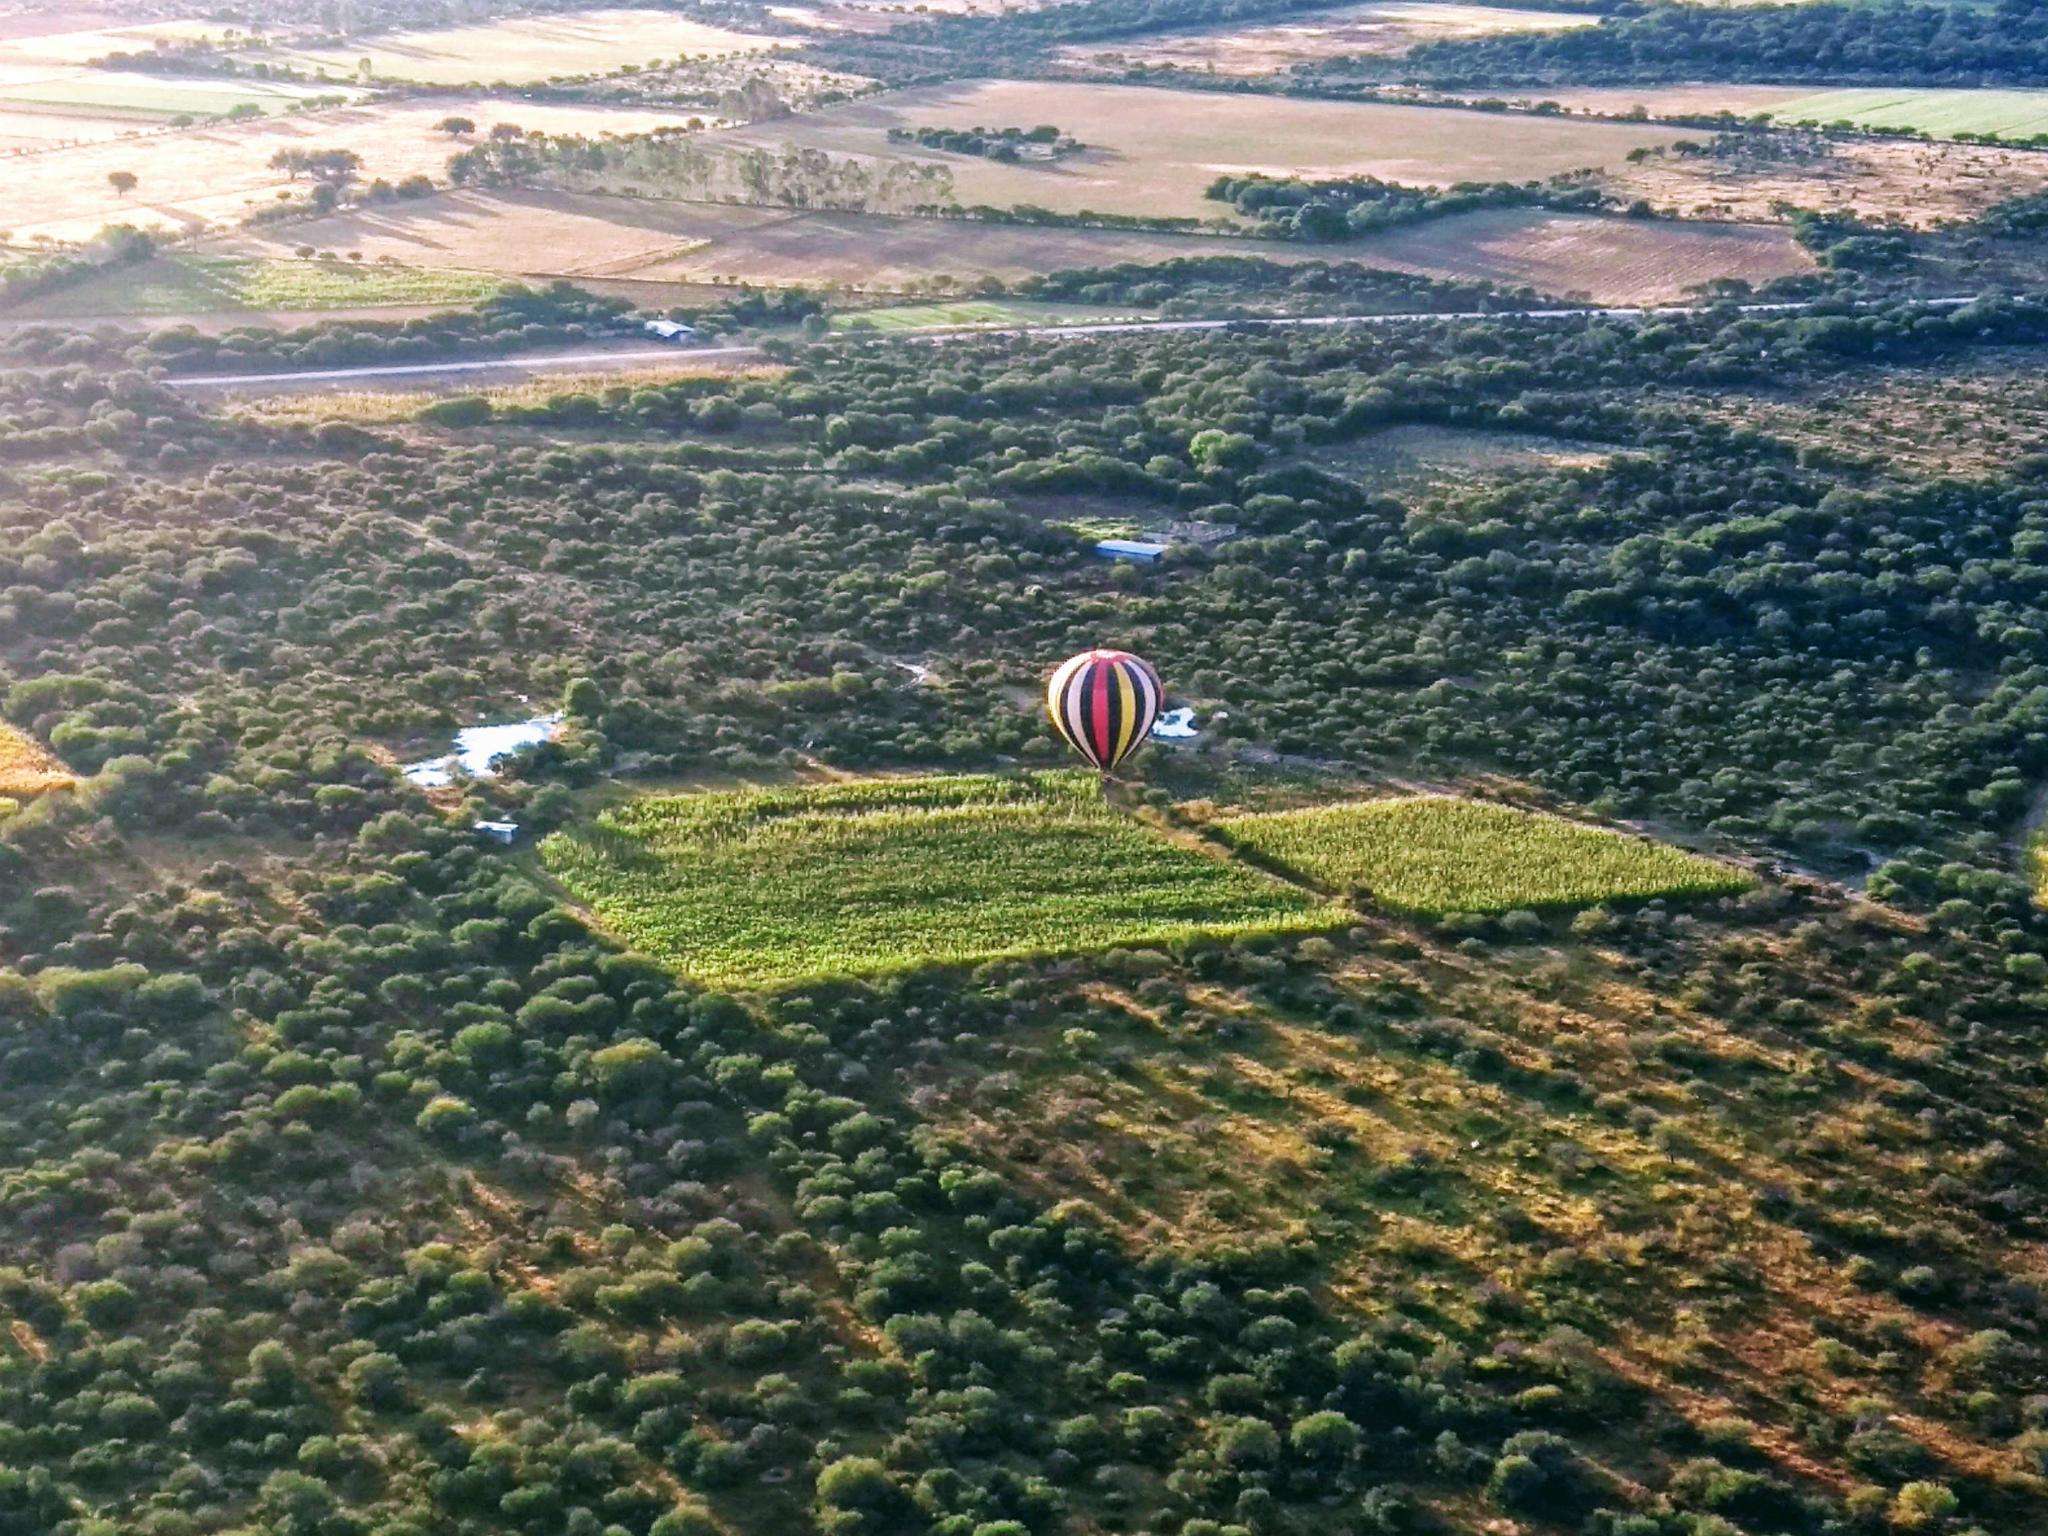 Vuelo en globo en Jerez, Zacatecas